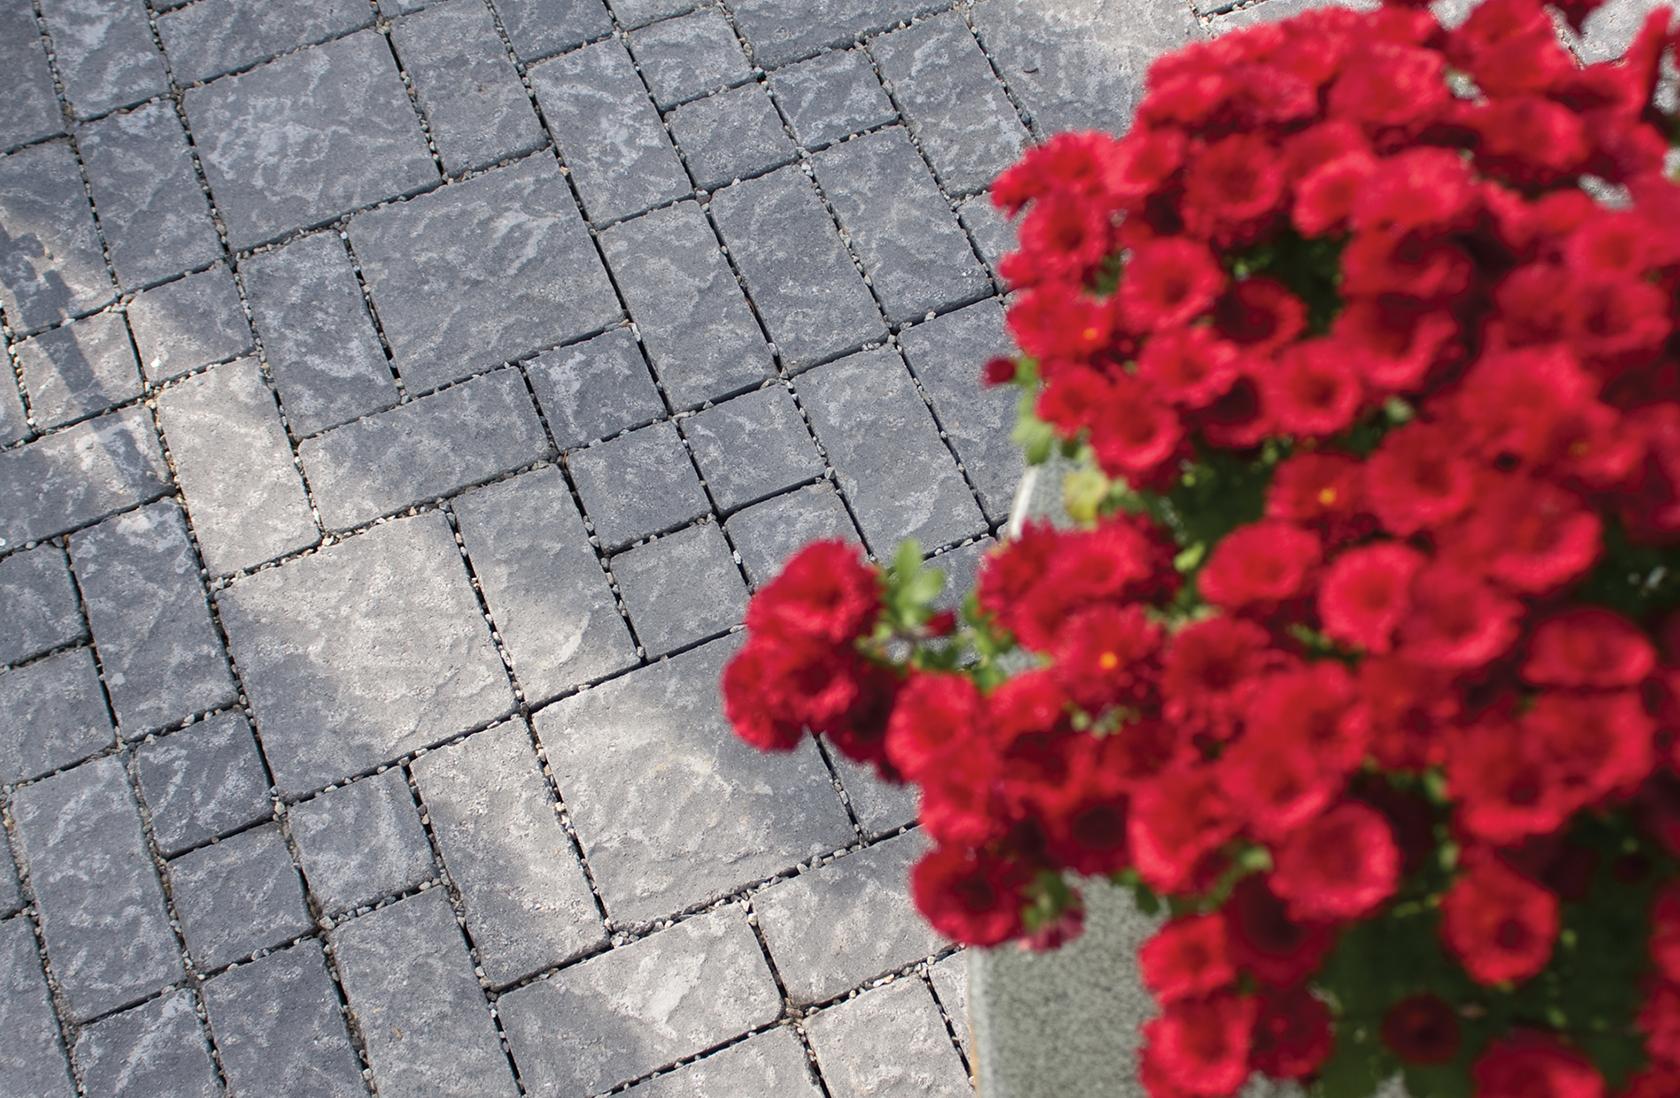 Cotswold: Granite.